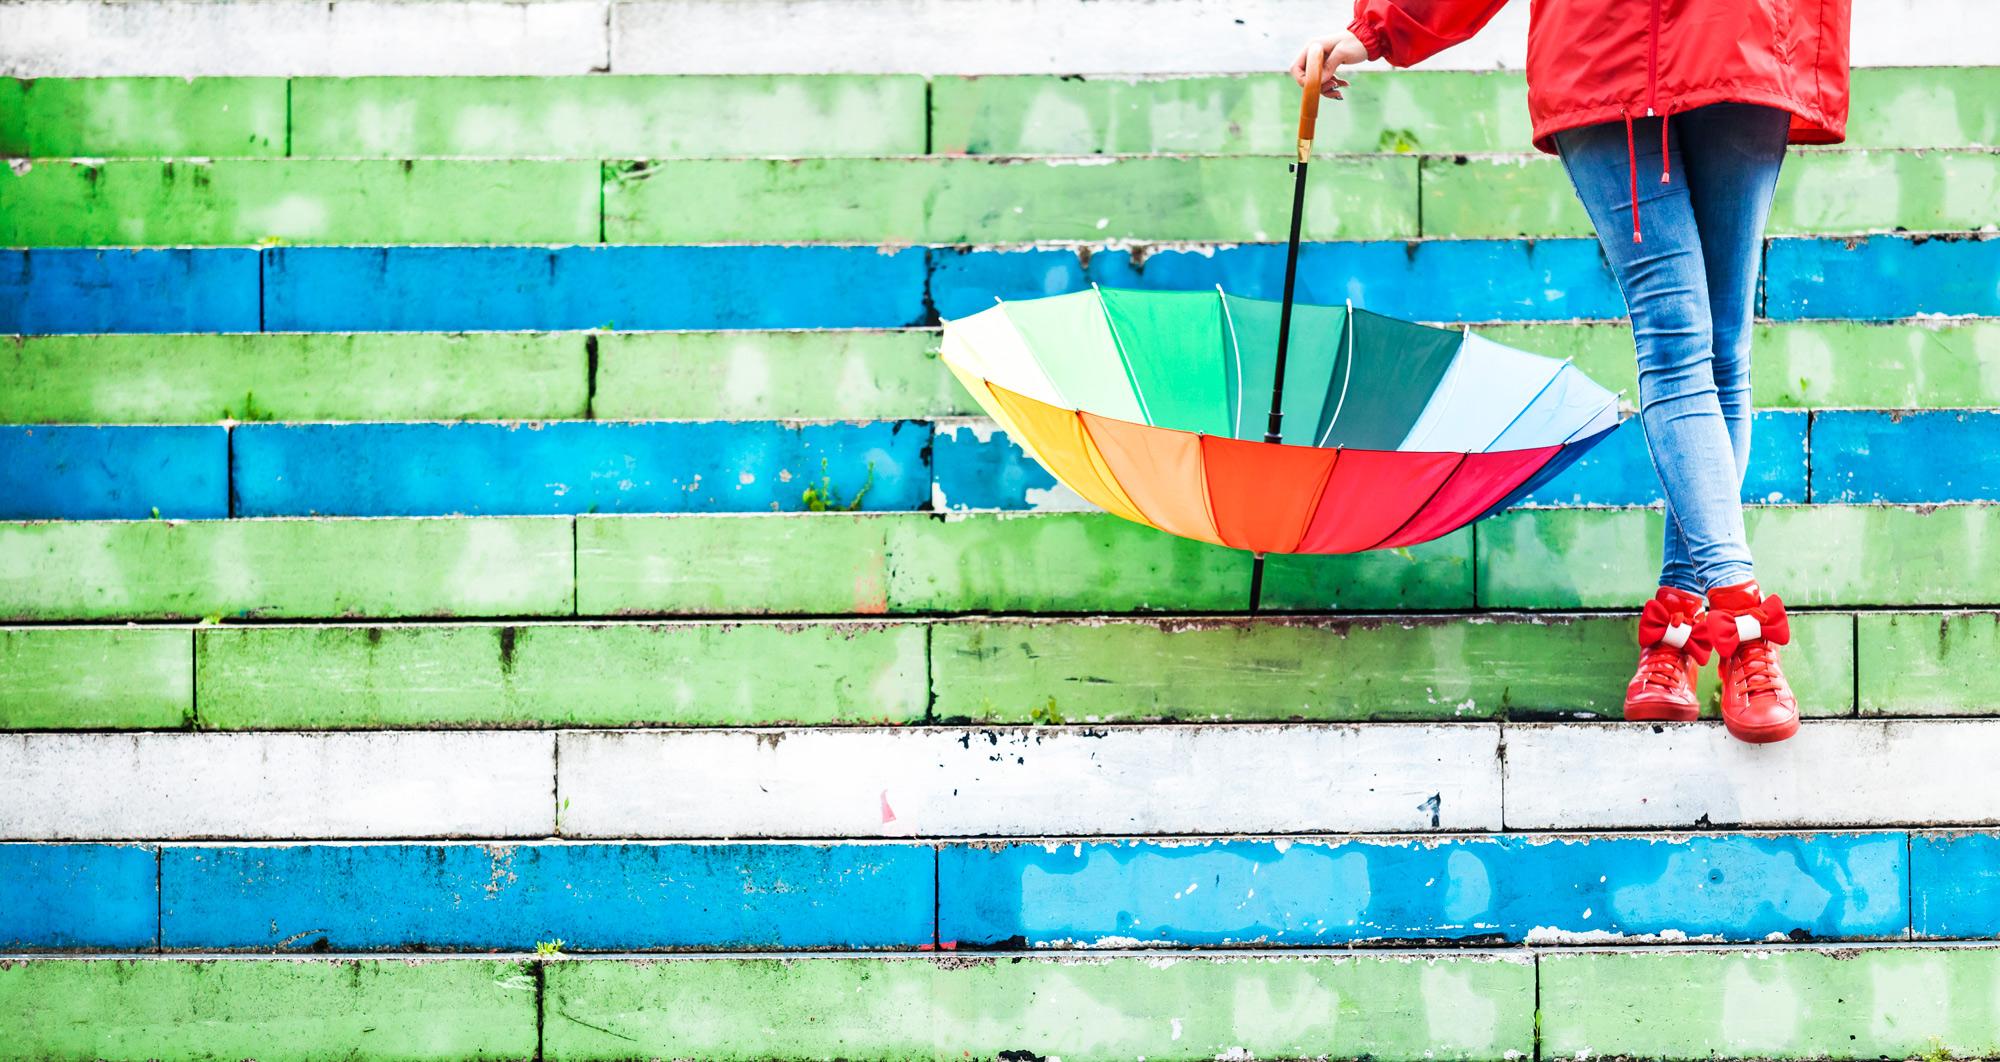 woman_holding_multicolor_umbrella_in_the_rain.jpg